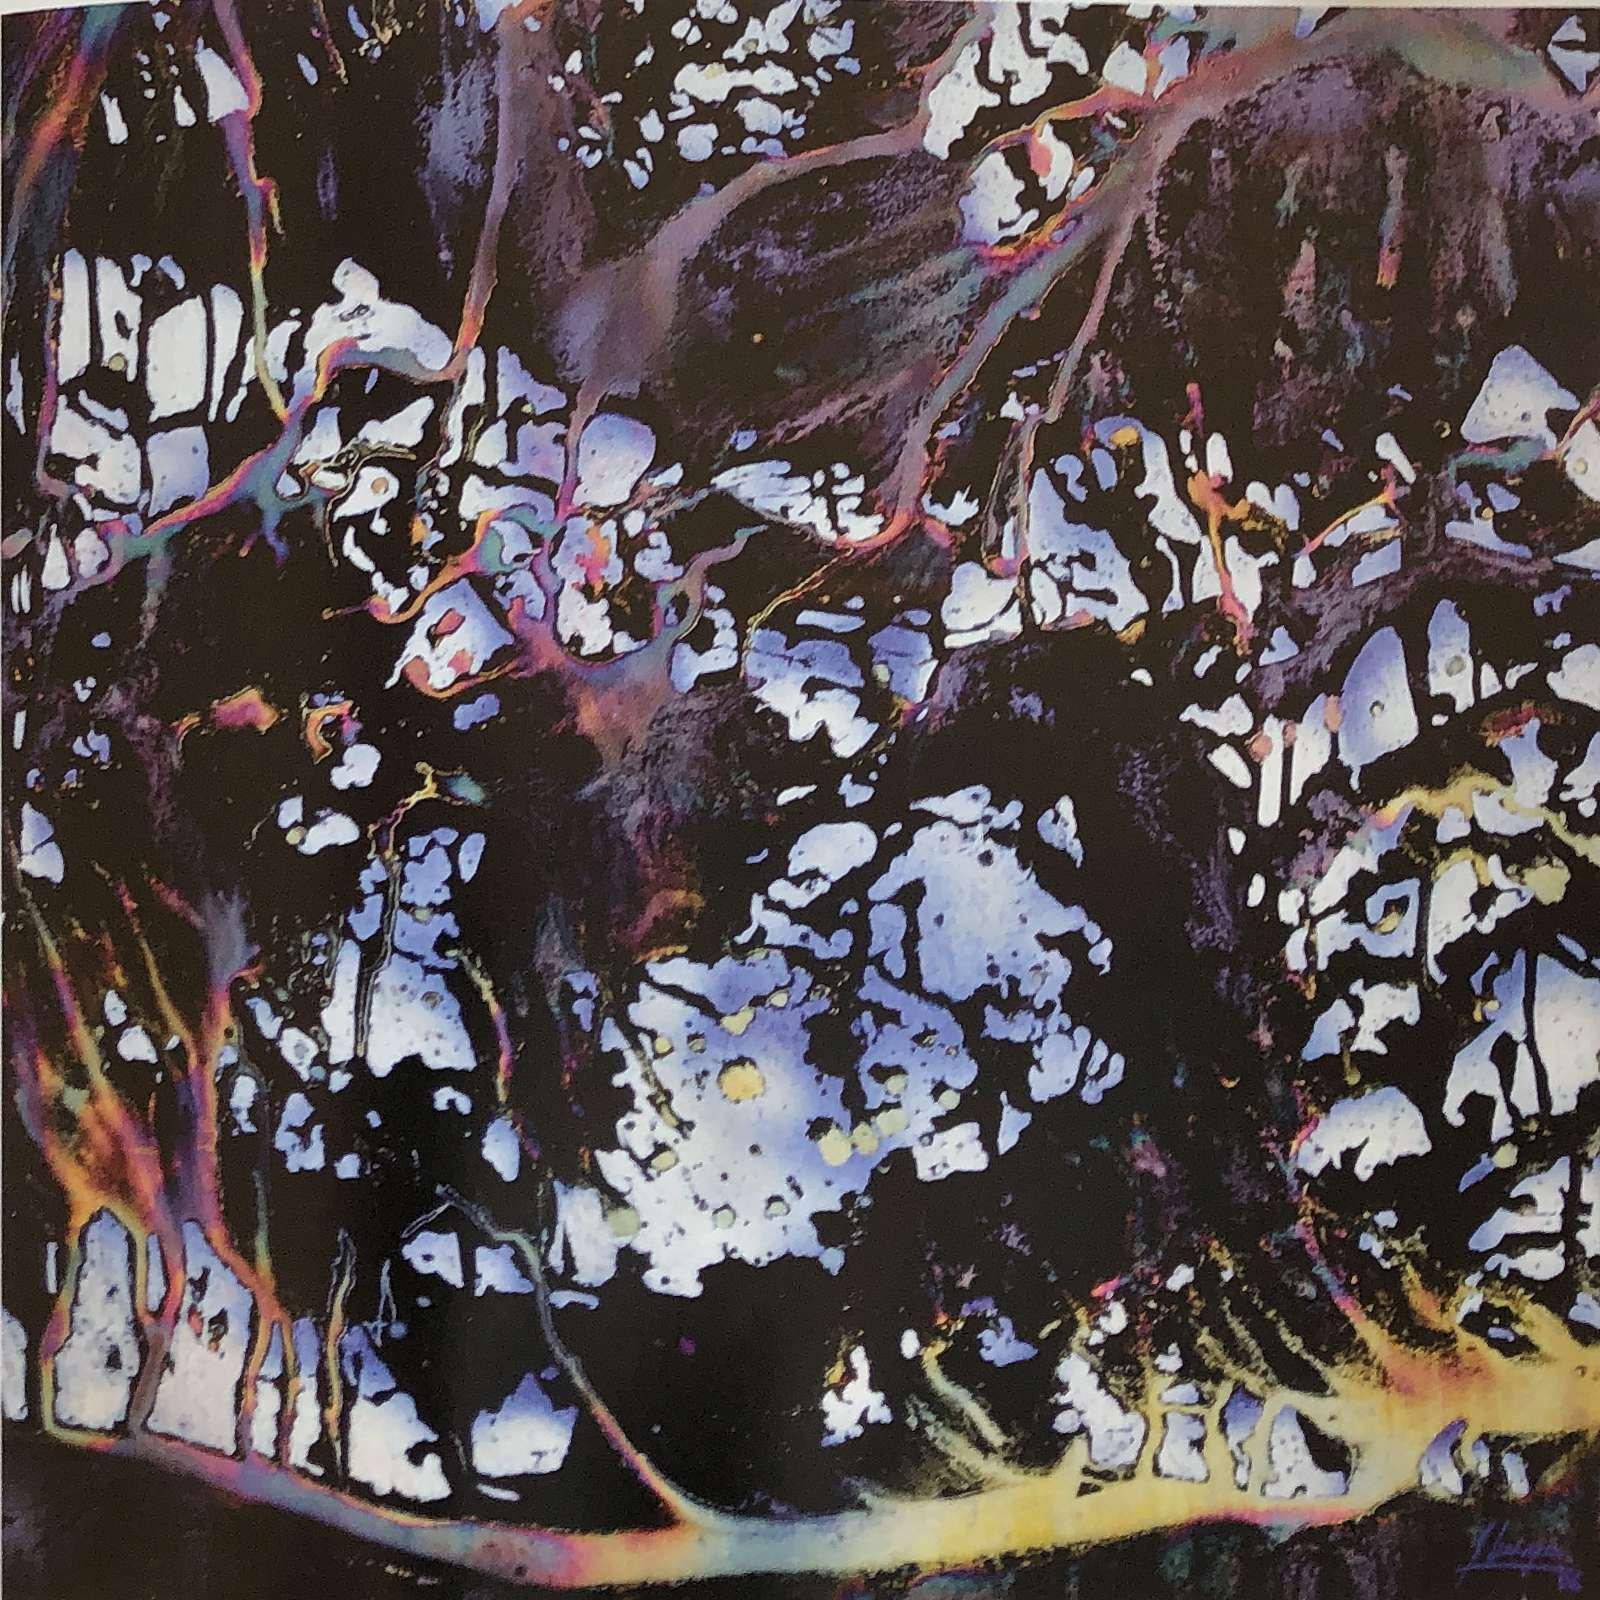 1996 - Tempest